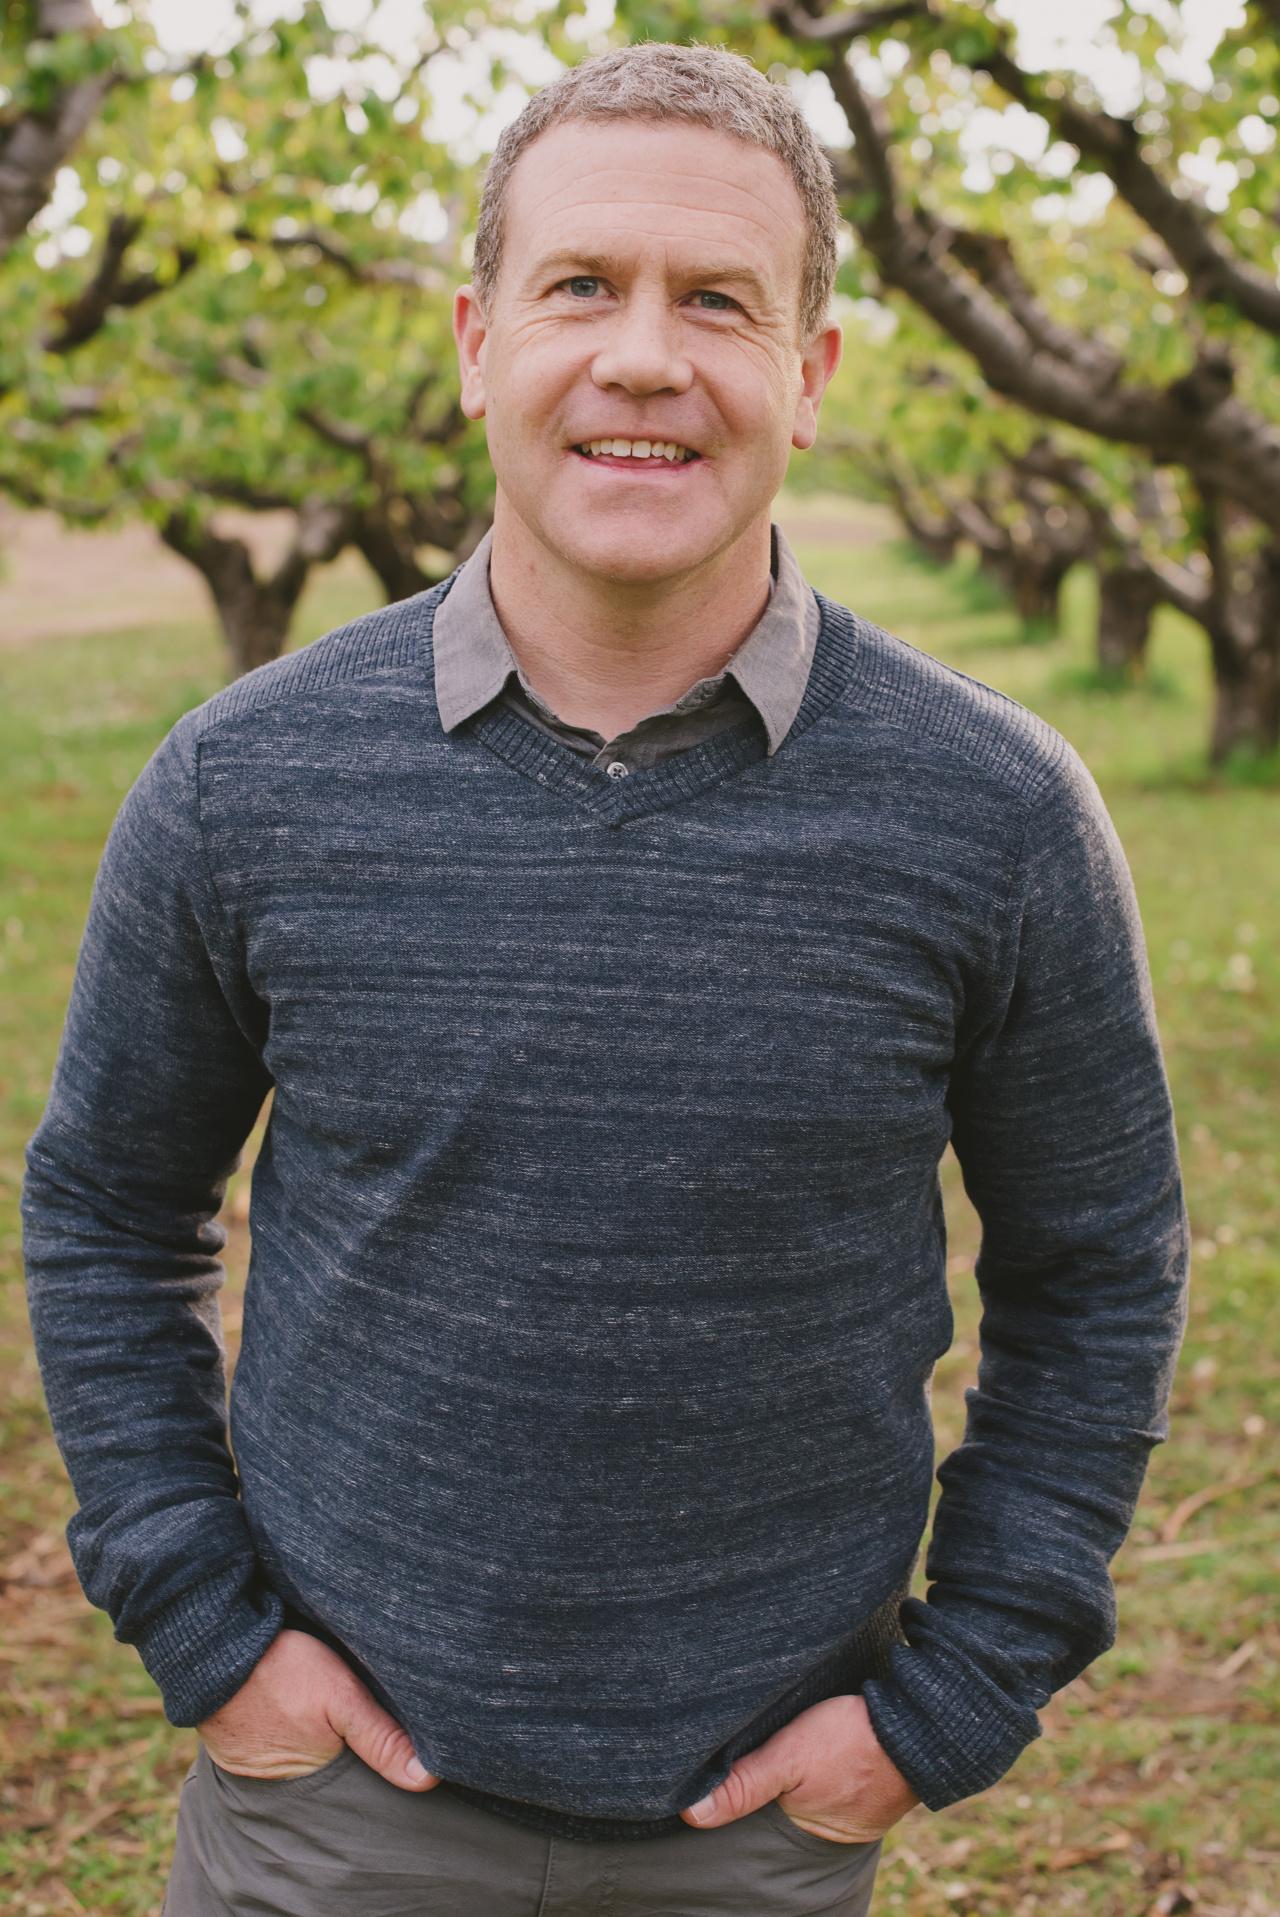 Shane James